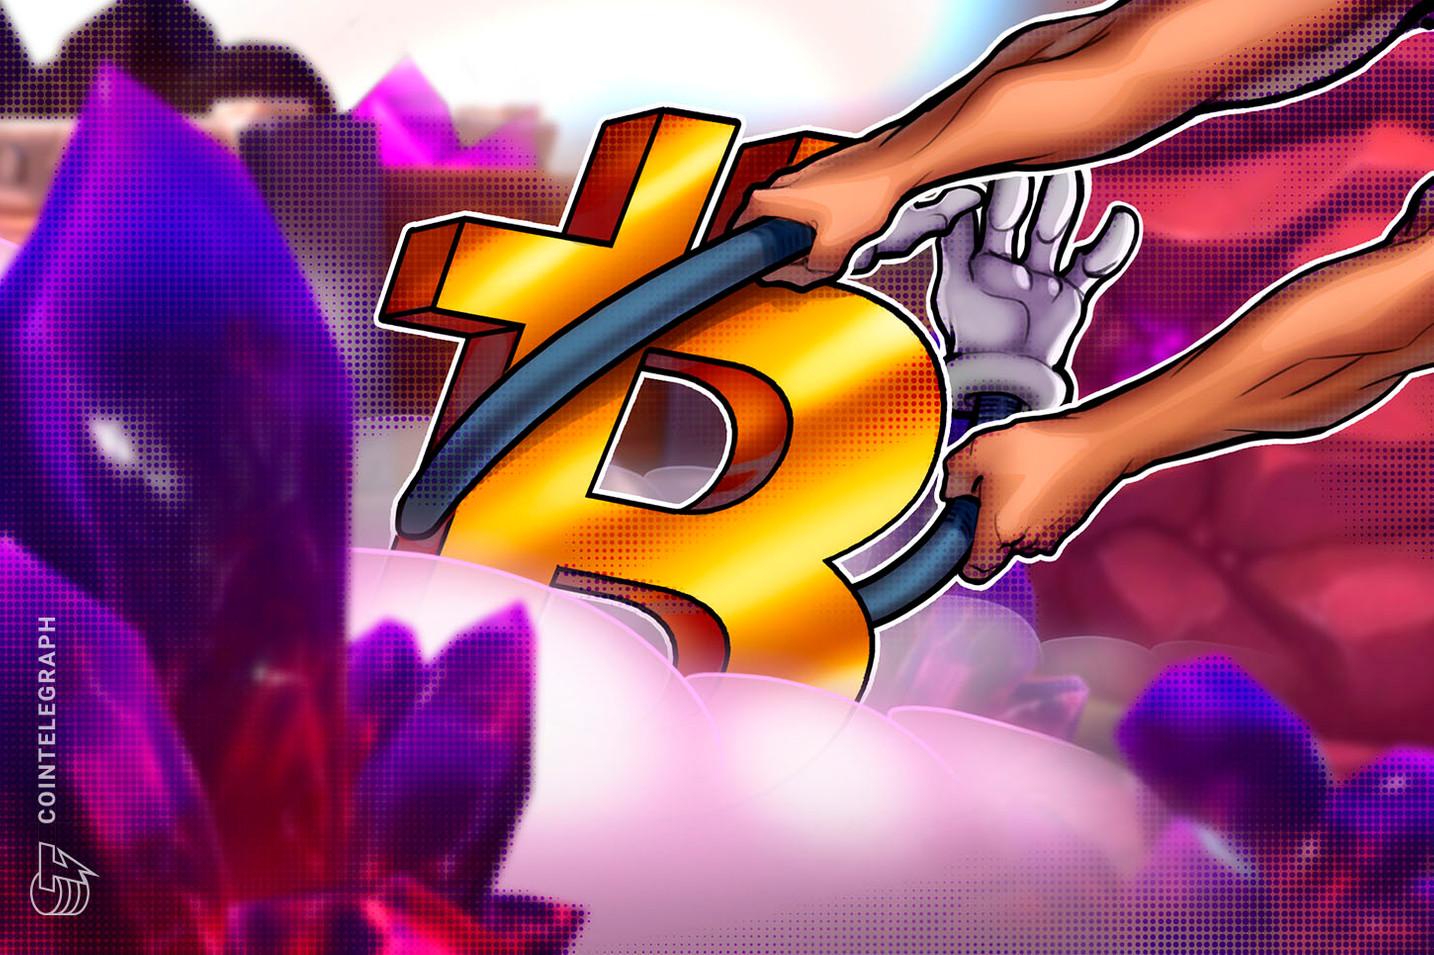 El precio de Bitcoin está en 10.000 dólares: Discutiendo el próximo gran movimiento que tendrá BTC